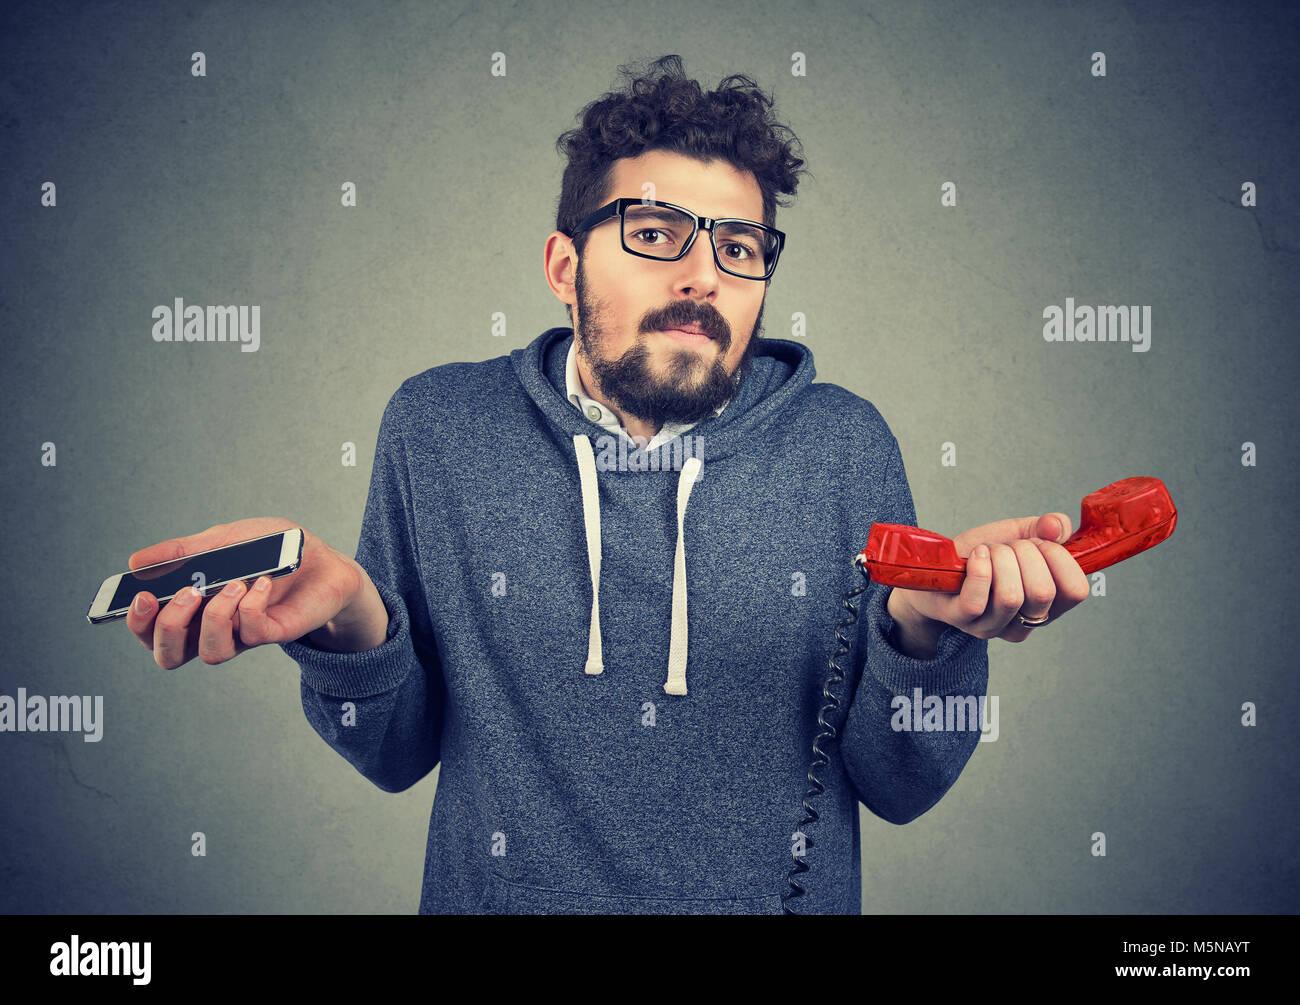 Junge legerer Mann schaut ratlos über die altmodische und zeitgenössische Gadgets. Stockbild